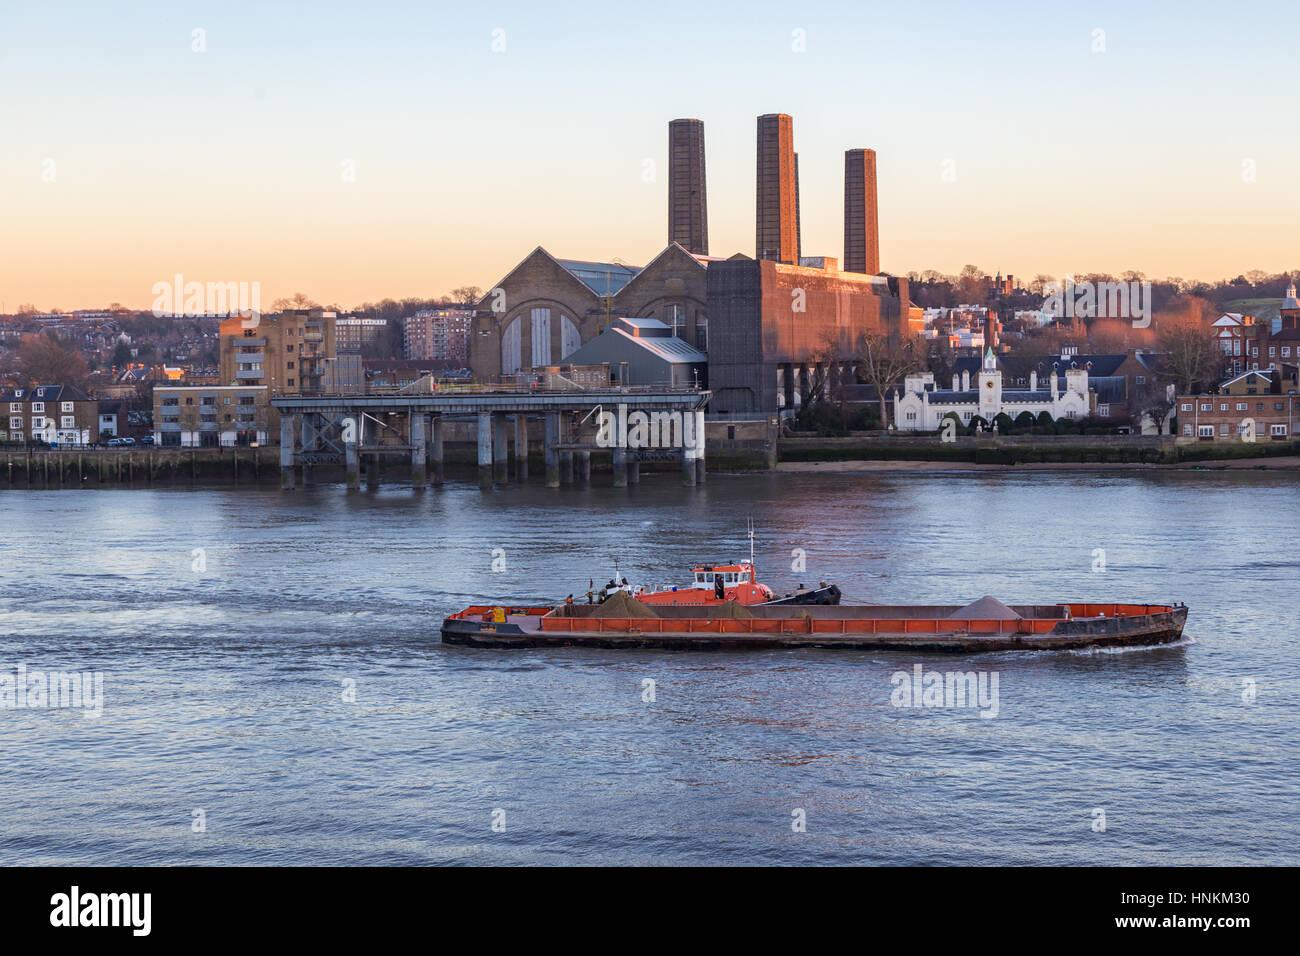 Barcaza sobre el Támesis en Greenwich. Disparos por la noche en invierno con luz preciosa y muestra una barcaza Imagen De Stock